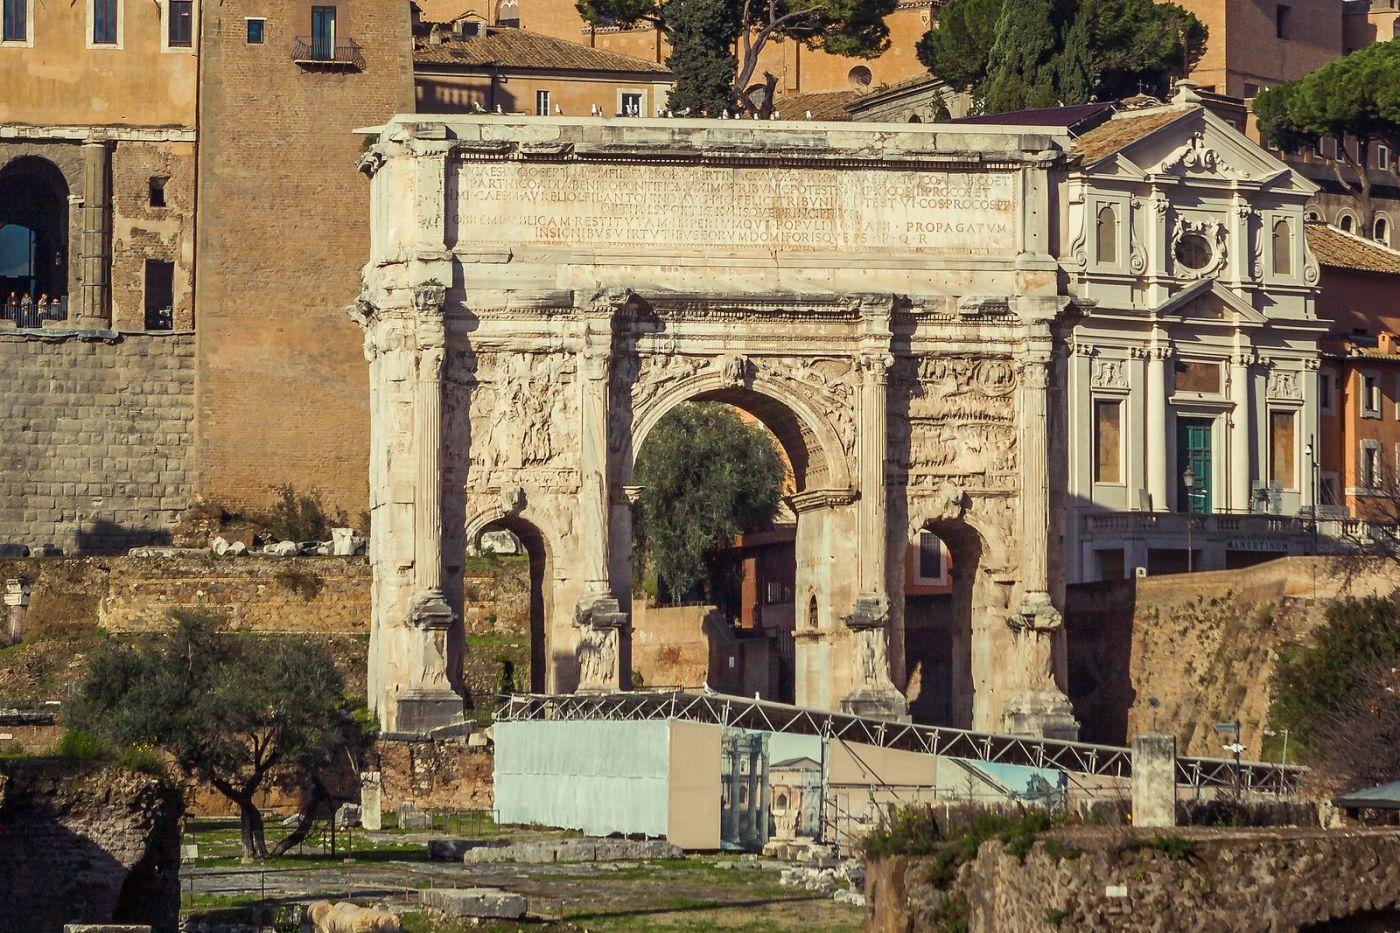 意大利罗马论坛,二千年的历史_图1-8